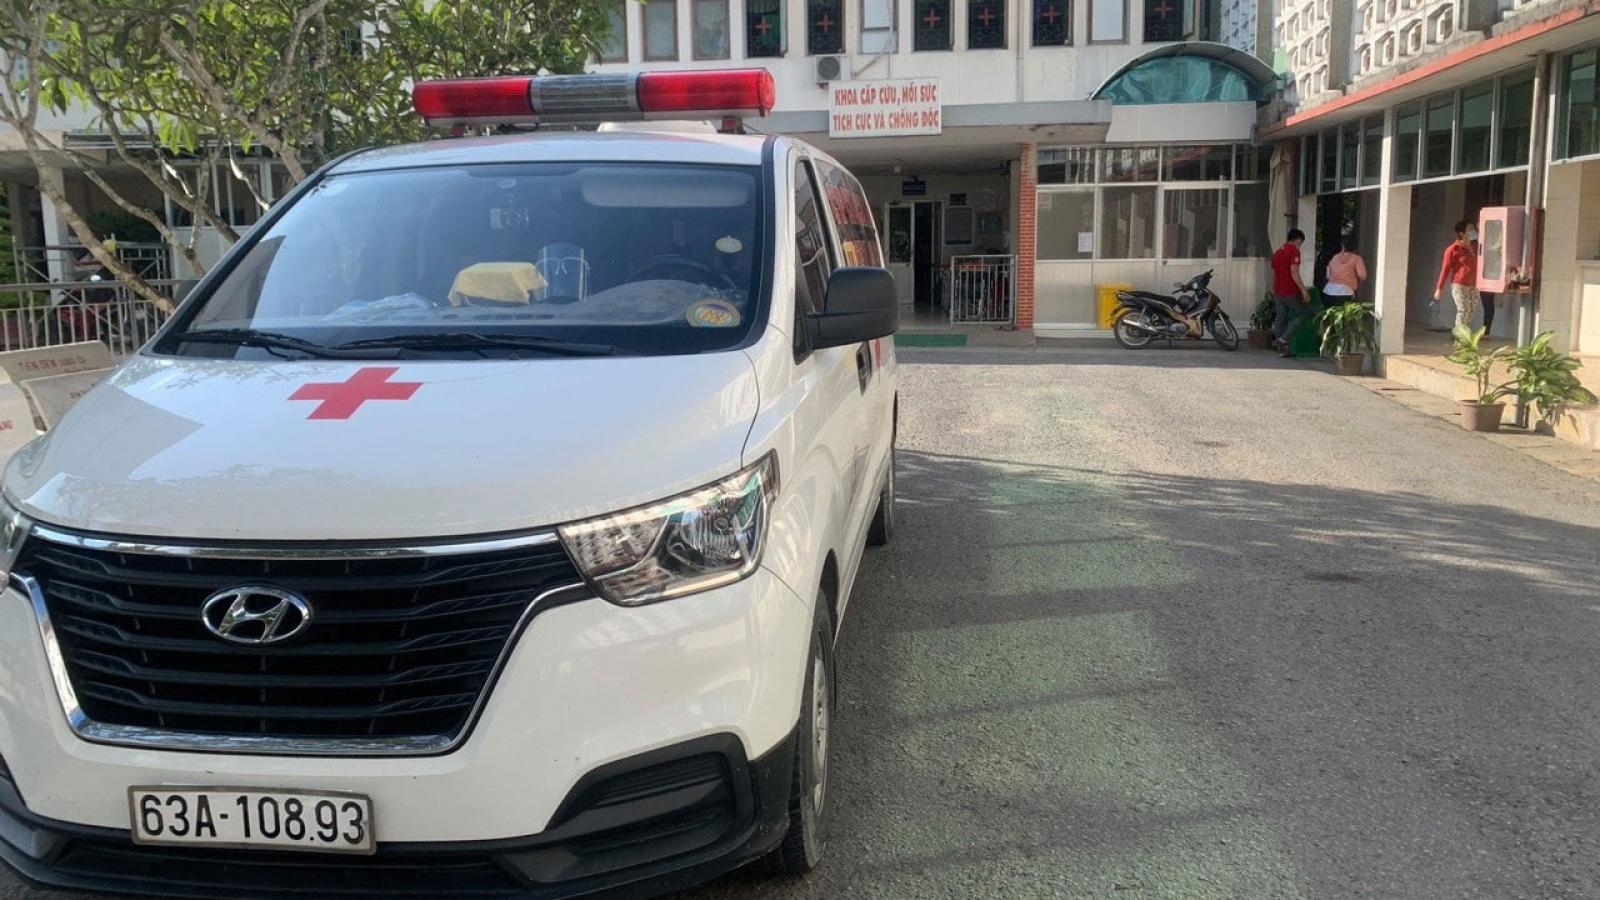 Khởi tố vụ án làm lây lan dịch bệnh Covid-19 tại xã Mỹ Hạnh Đông, Thị xã Cai Lậy